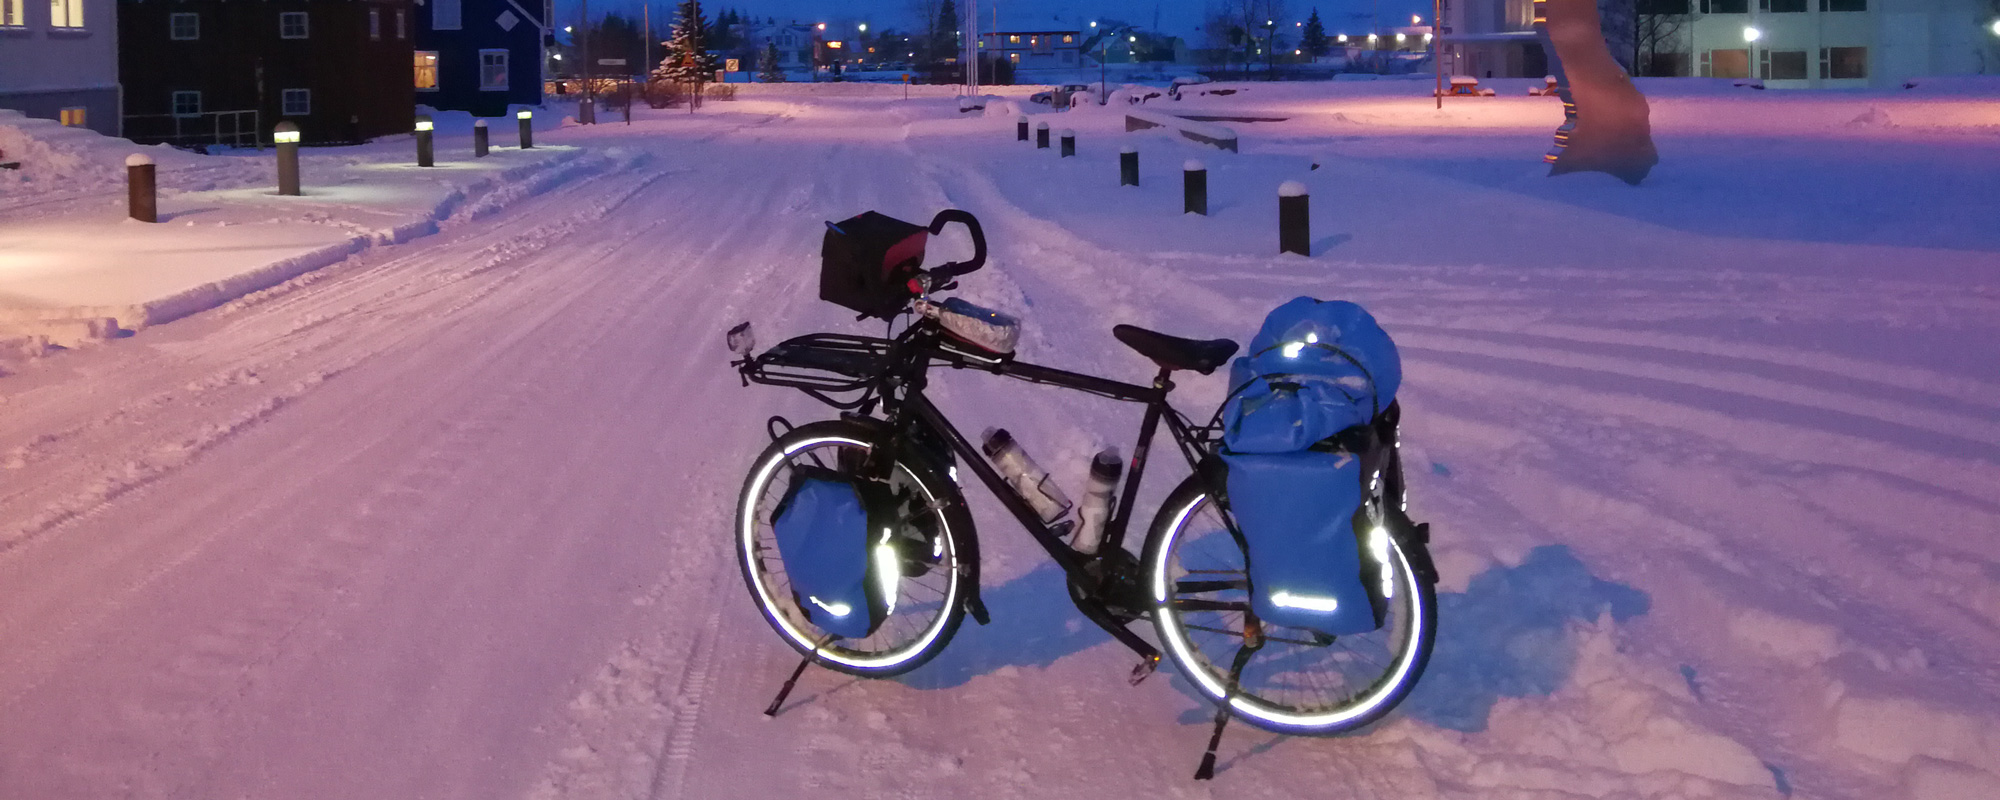 En Islande à vélo en hiver 2017/2018, dans le centre de Seydisfjordur